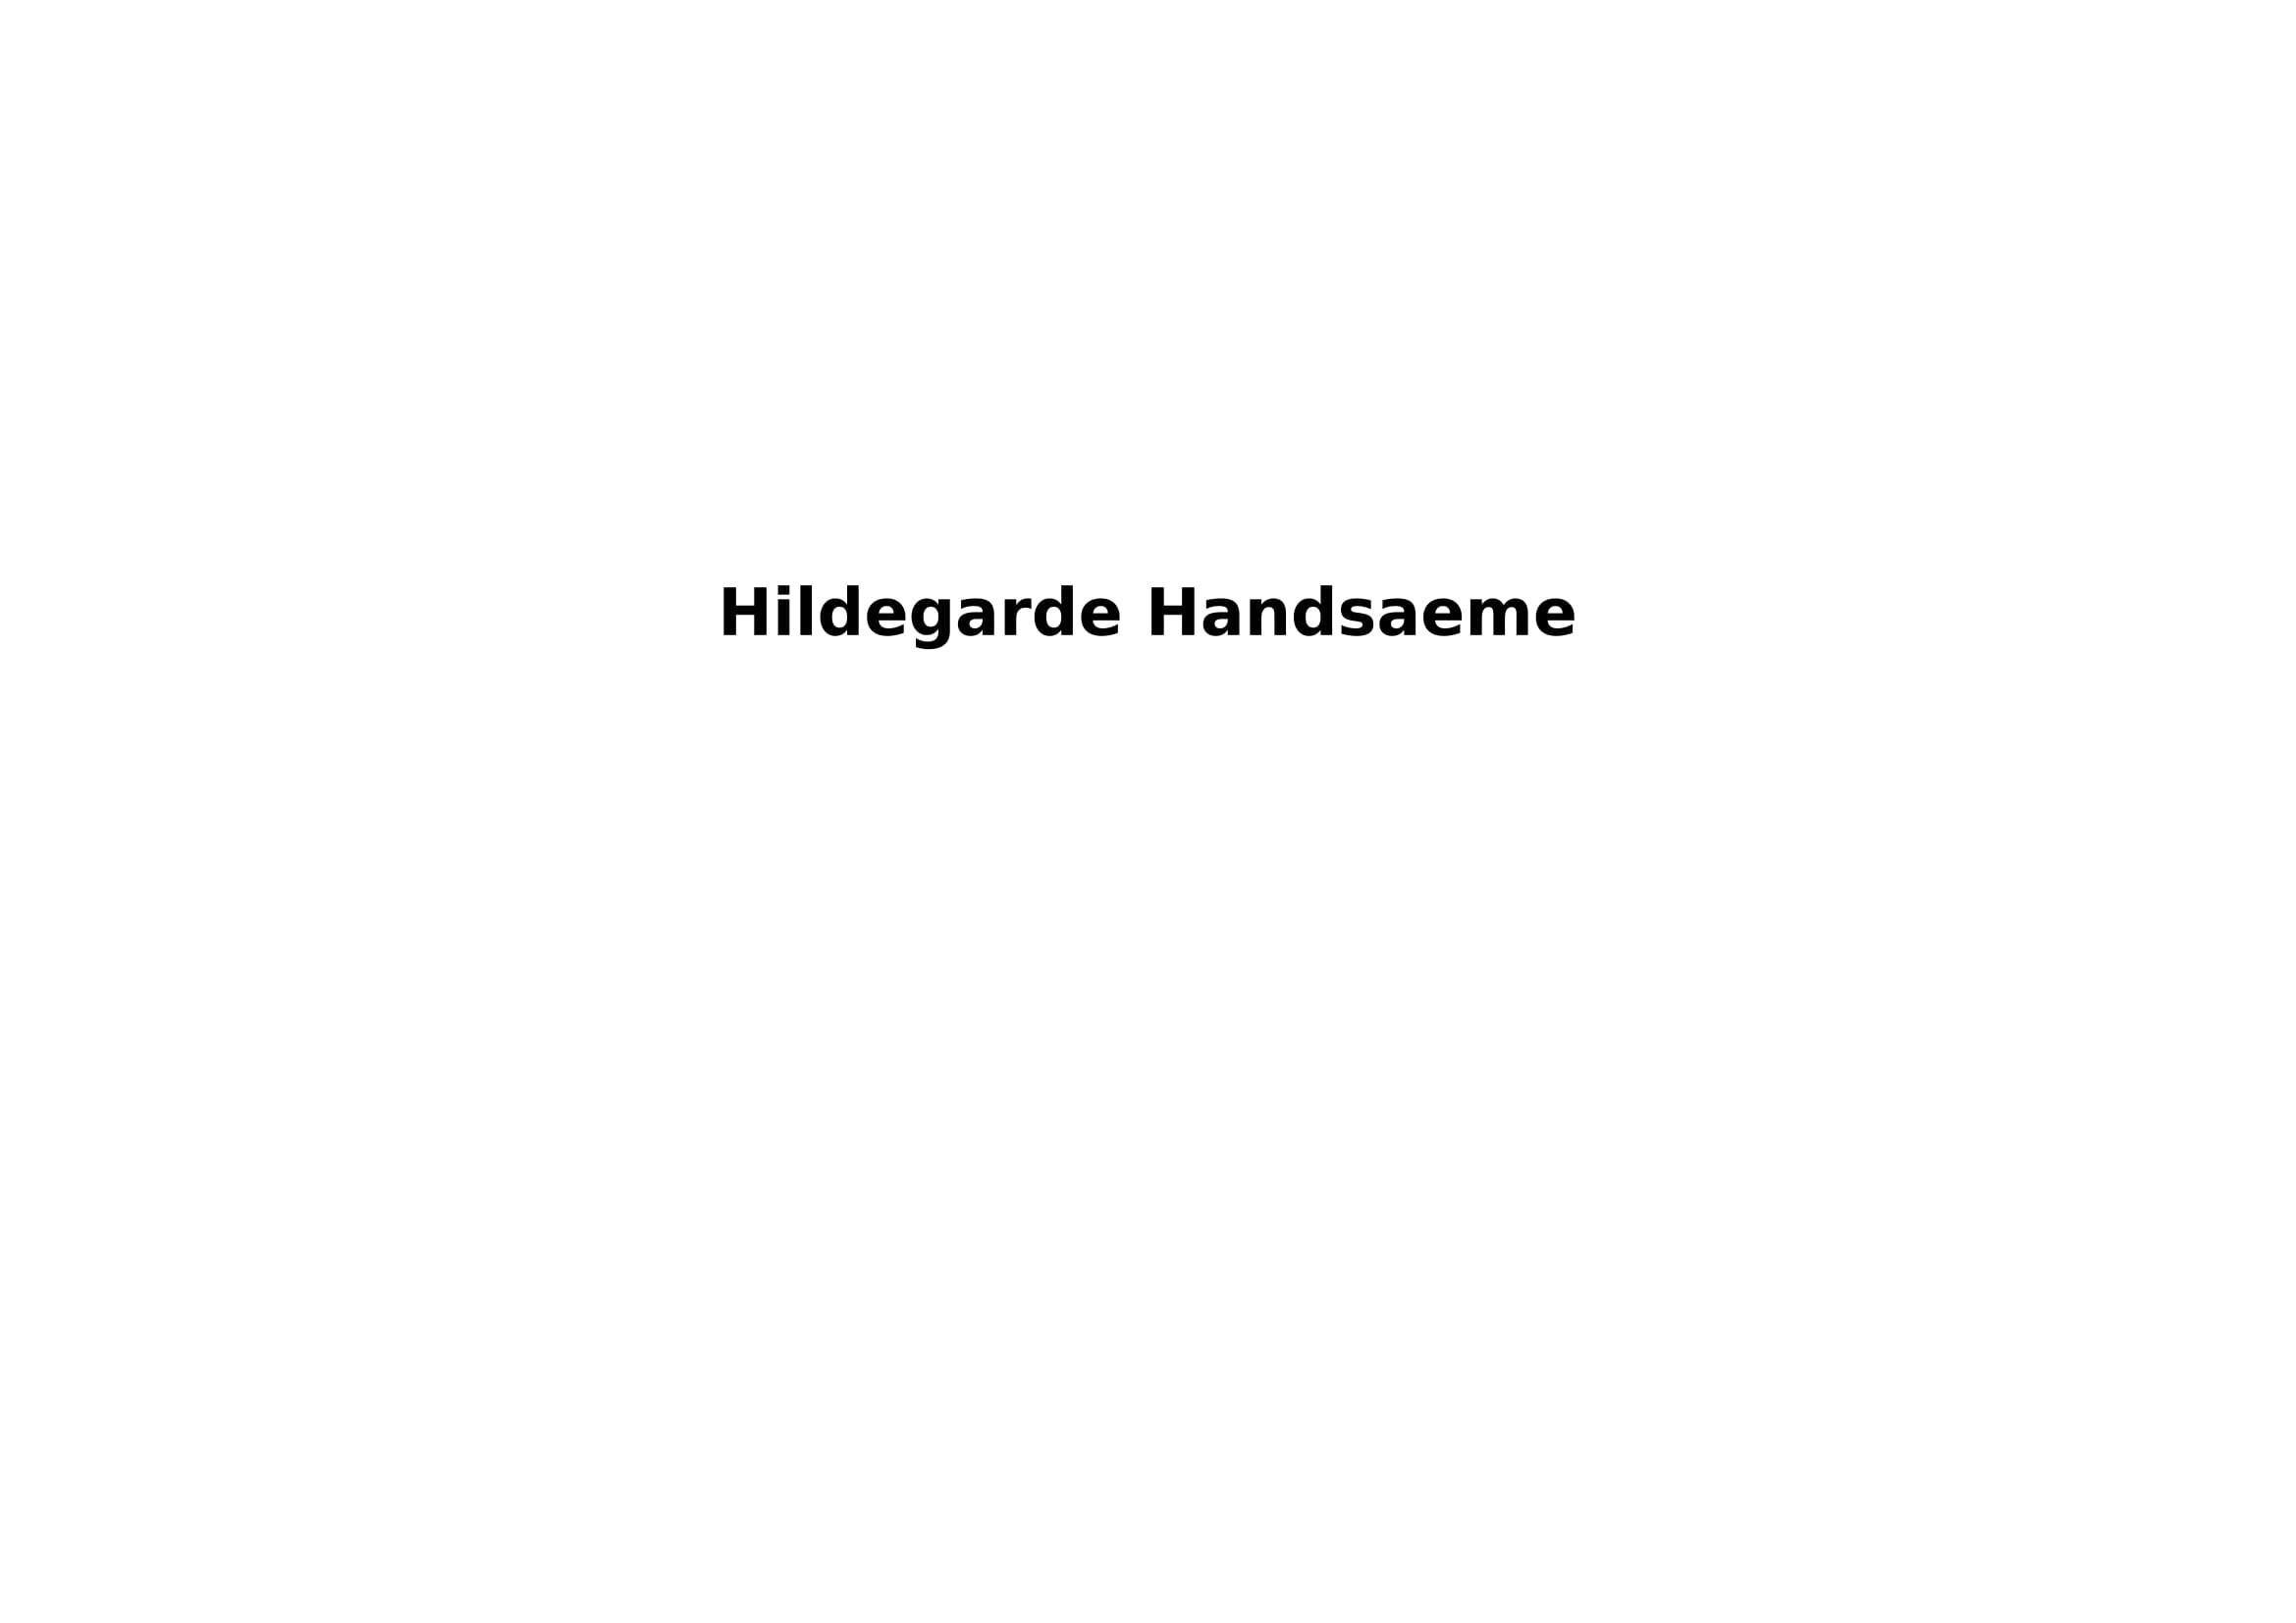 hildegarde Handsaeme's Signature